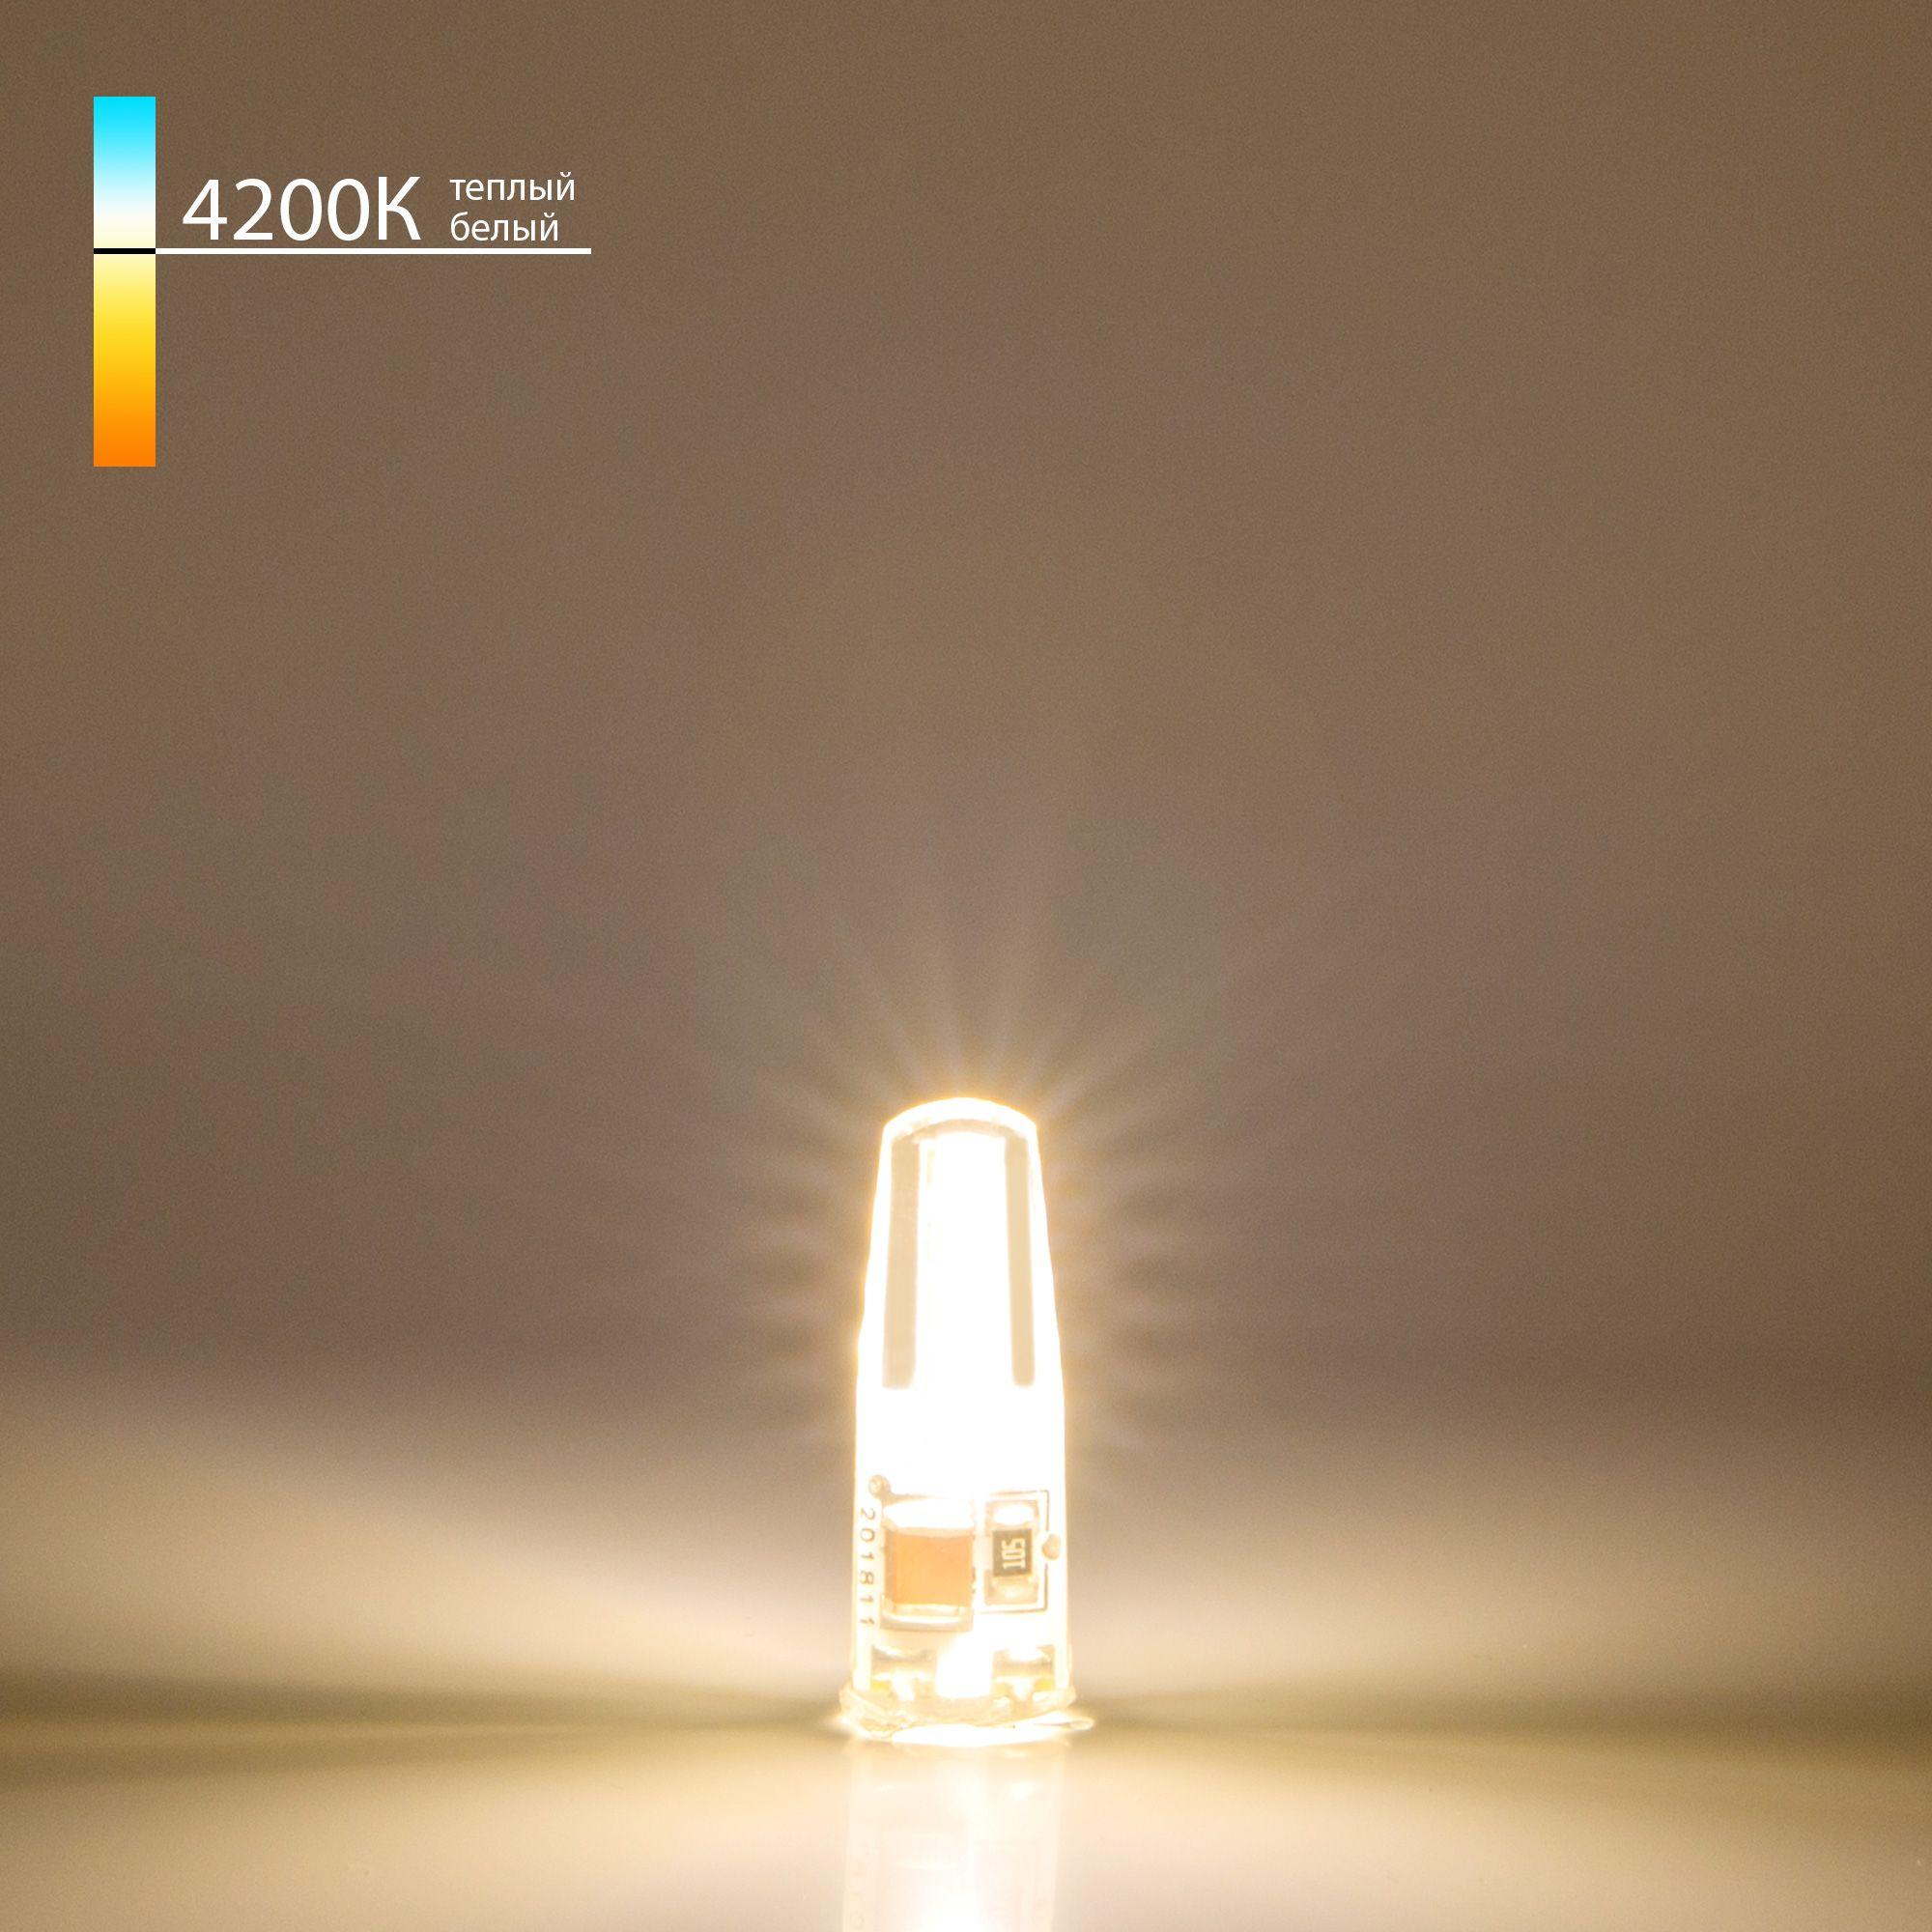 Светодиодная лампа G4 LED BL124 3W 220V 360 4200K